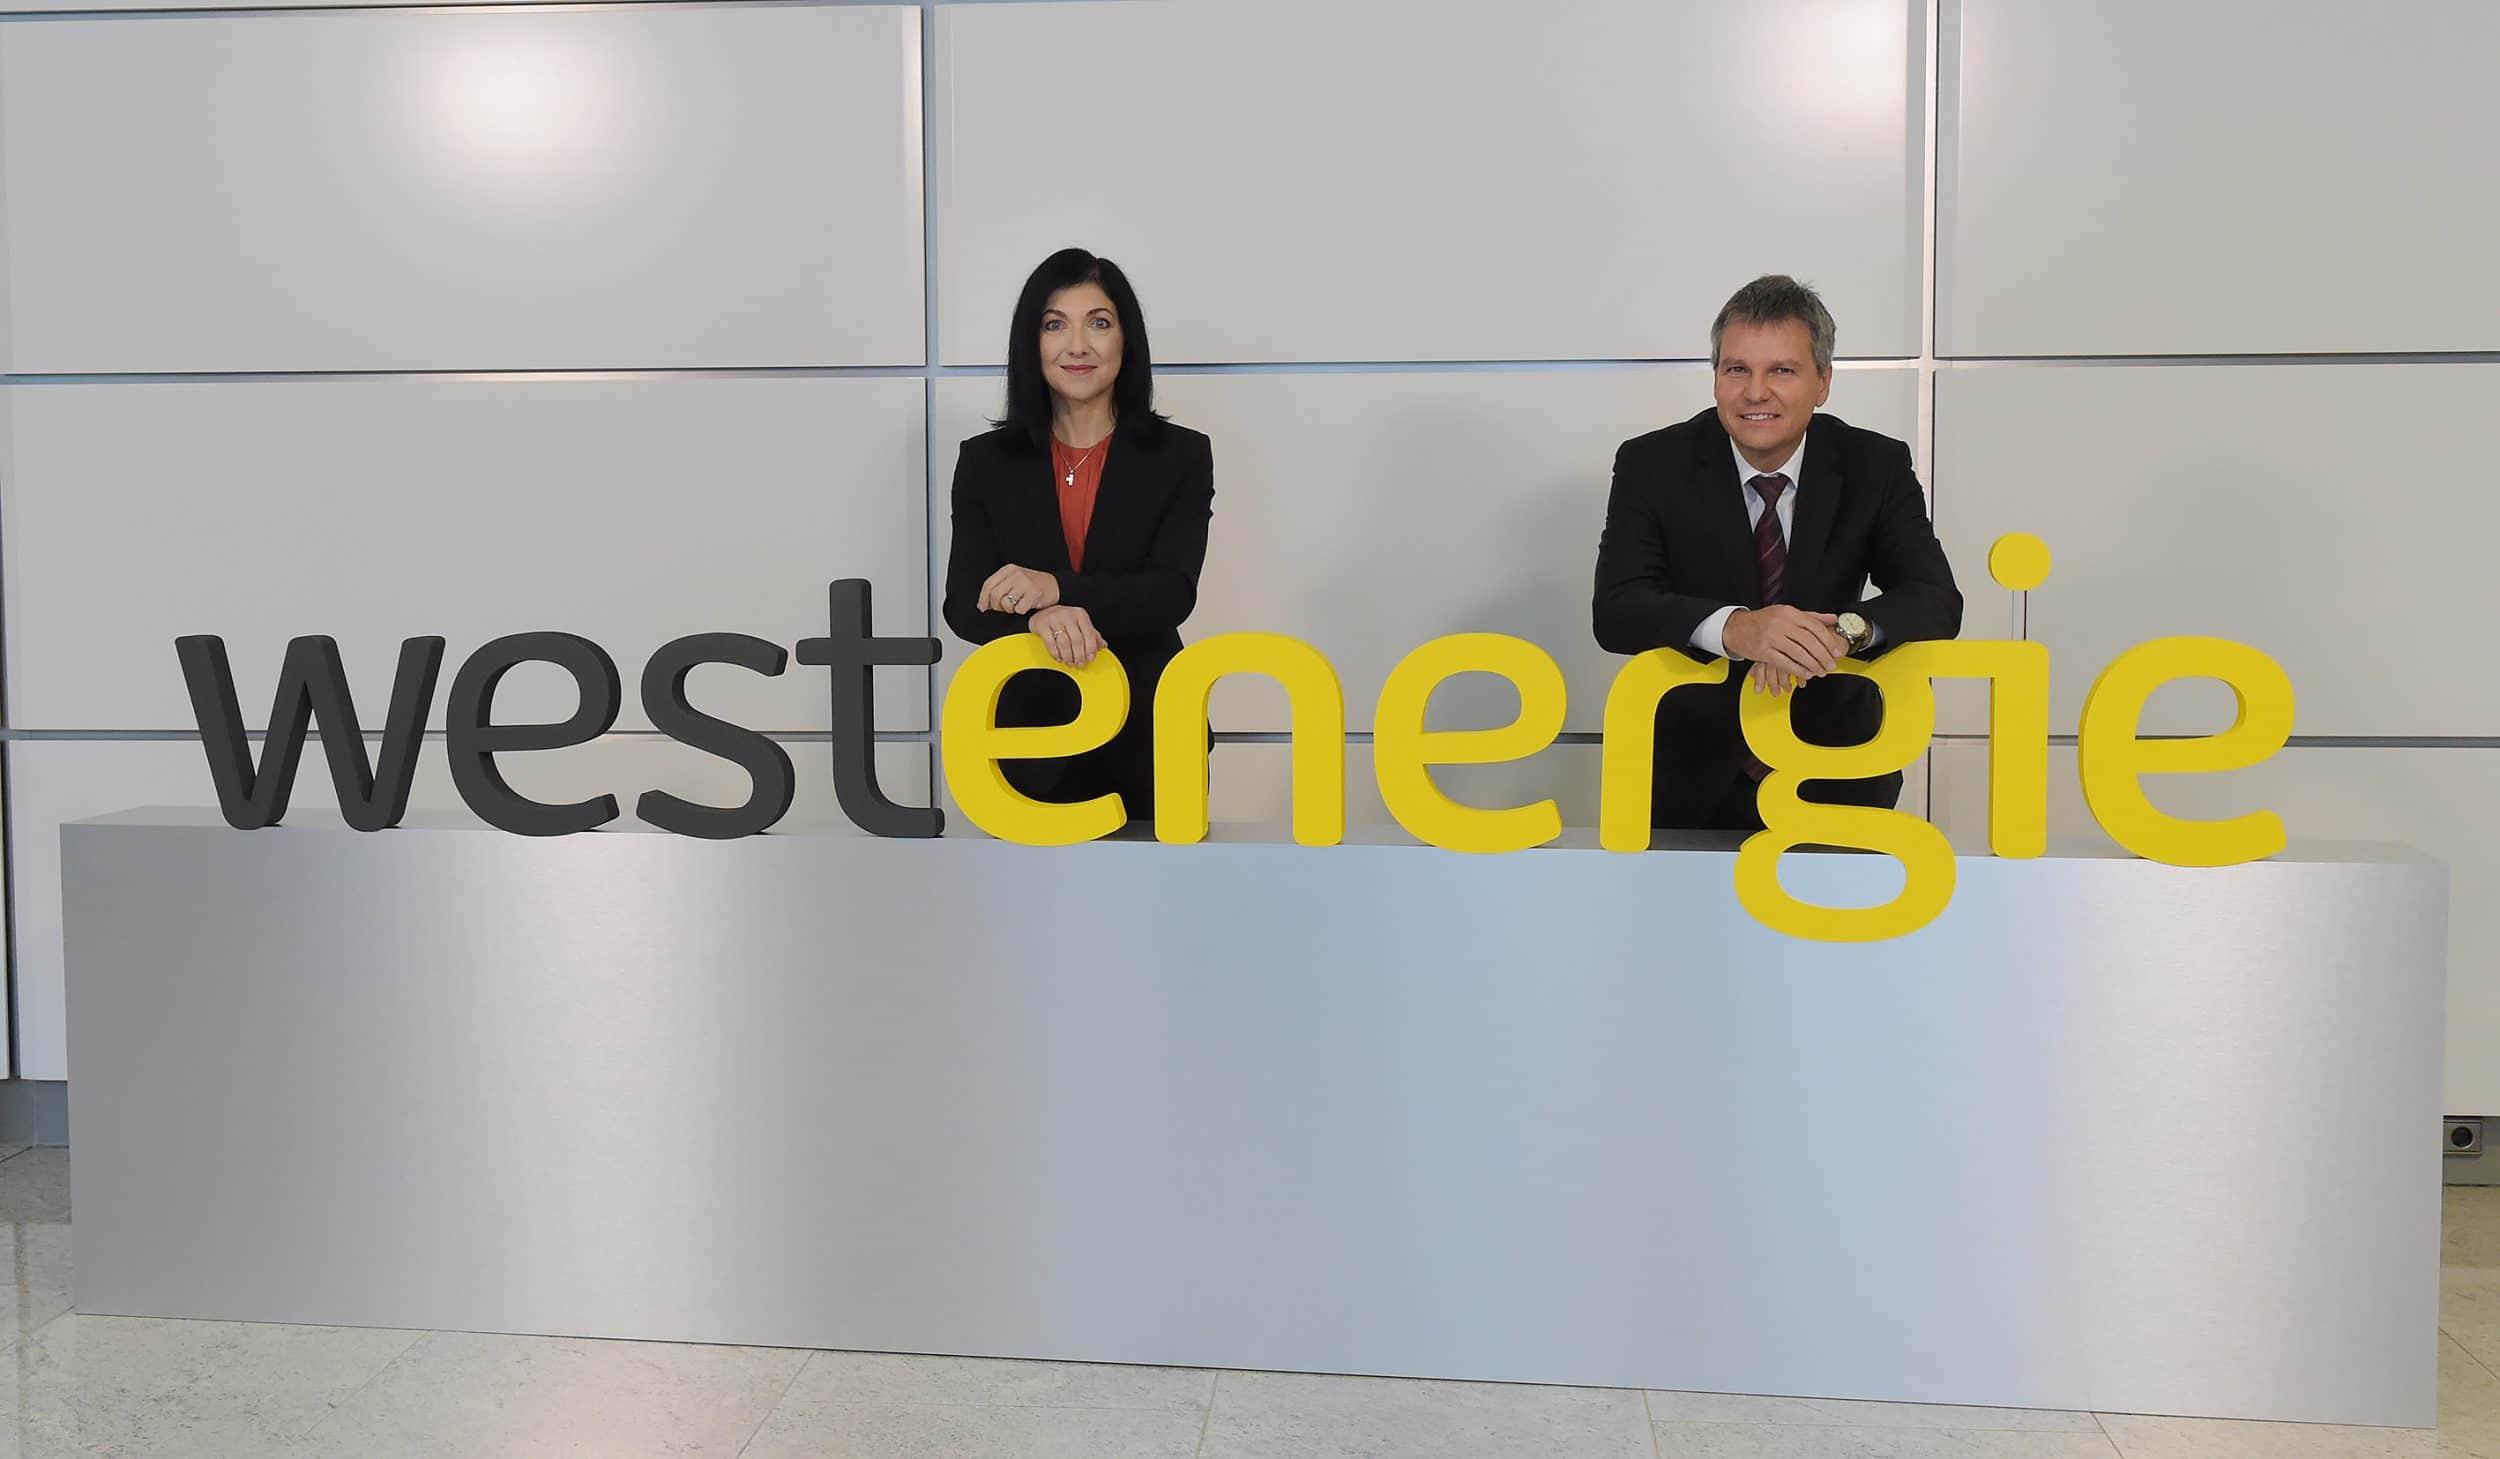 Die Vorstandsvorsitzende Katherina Reiche und Finanzvorstand Achim Schröder während der Pressekonferenz am Hauptsitz der Westenergie in Essen. (Foto: Westenergie)